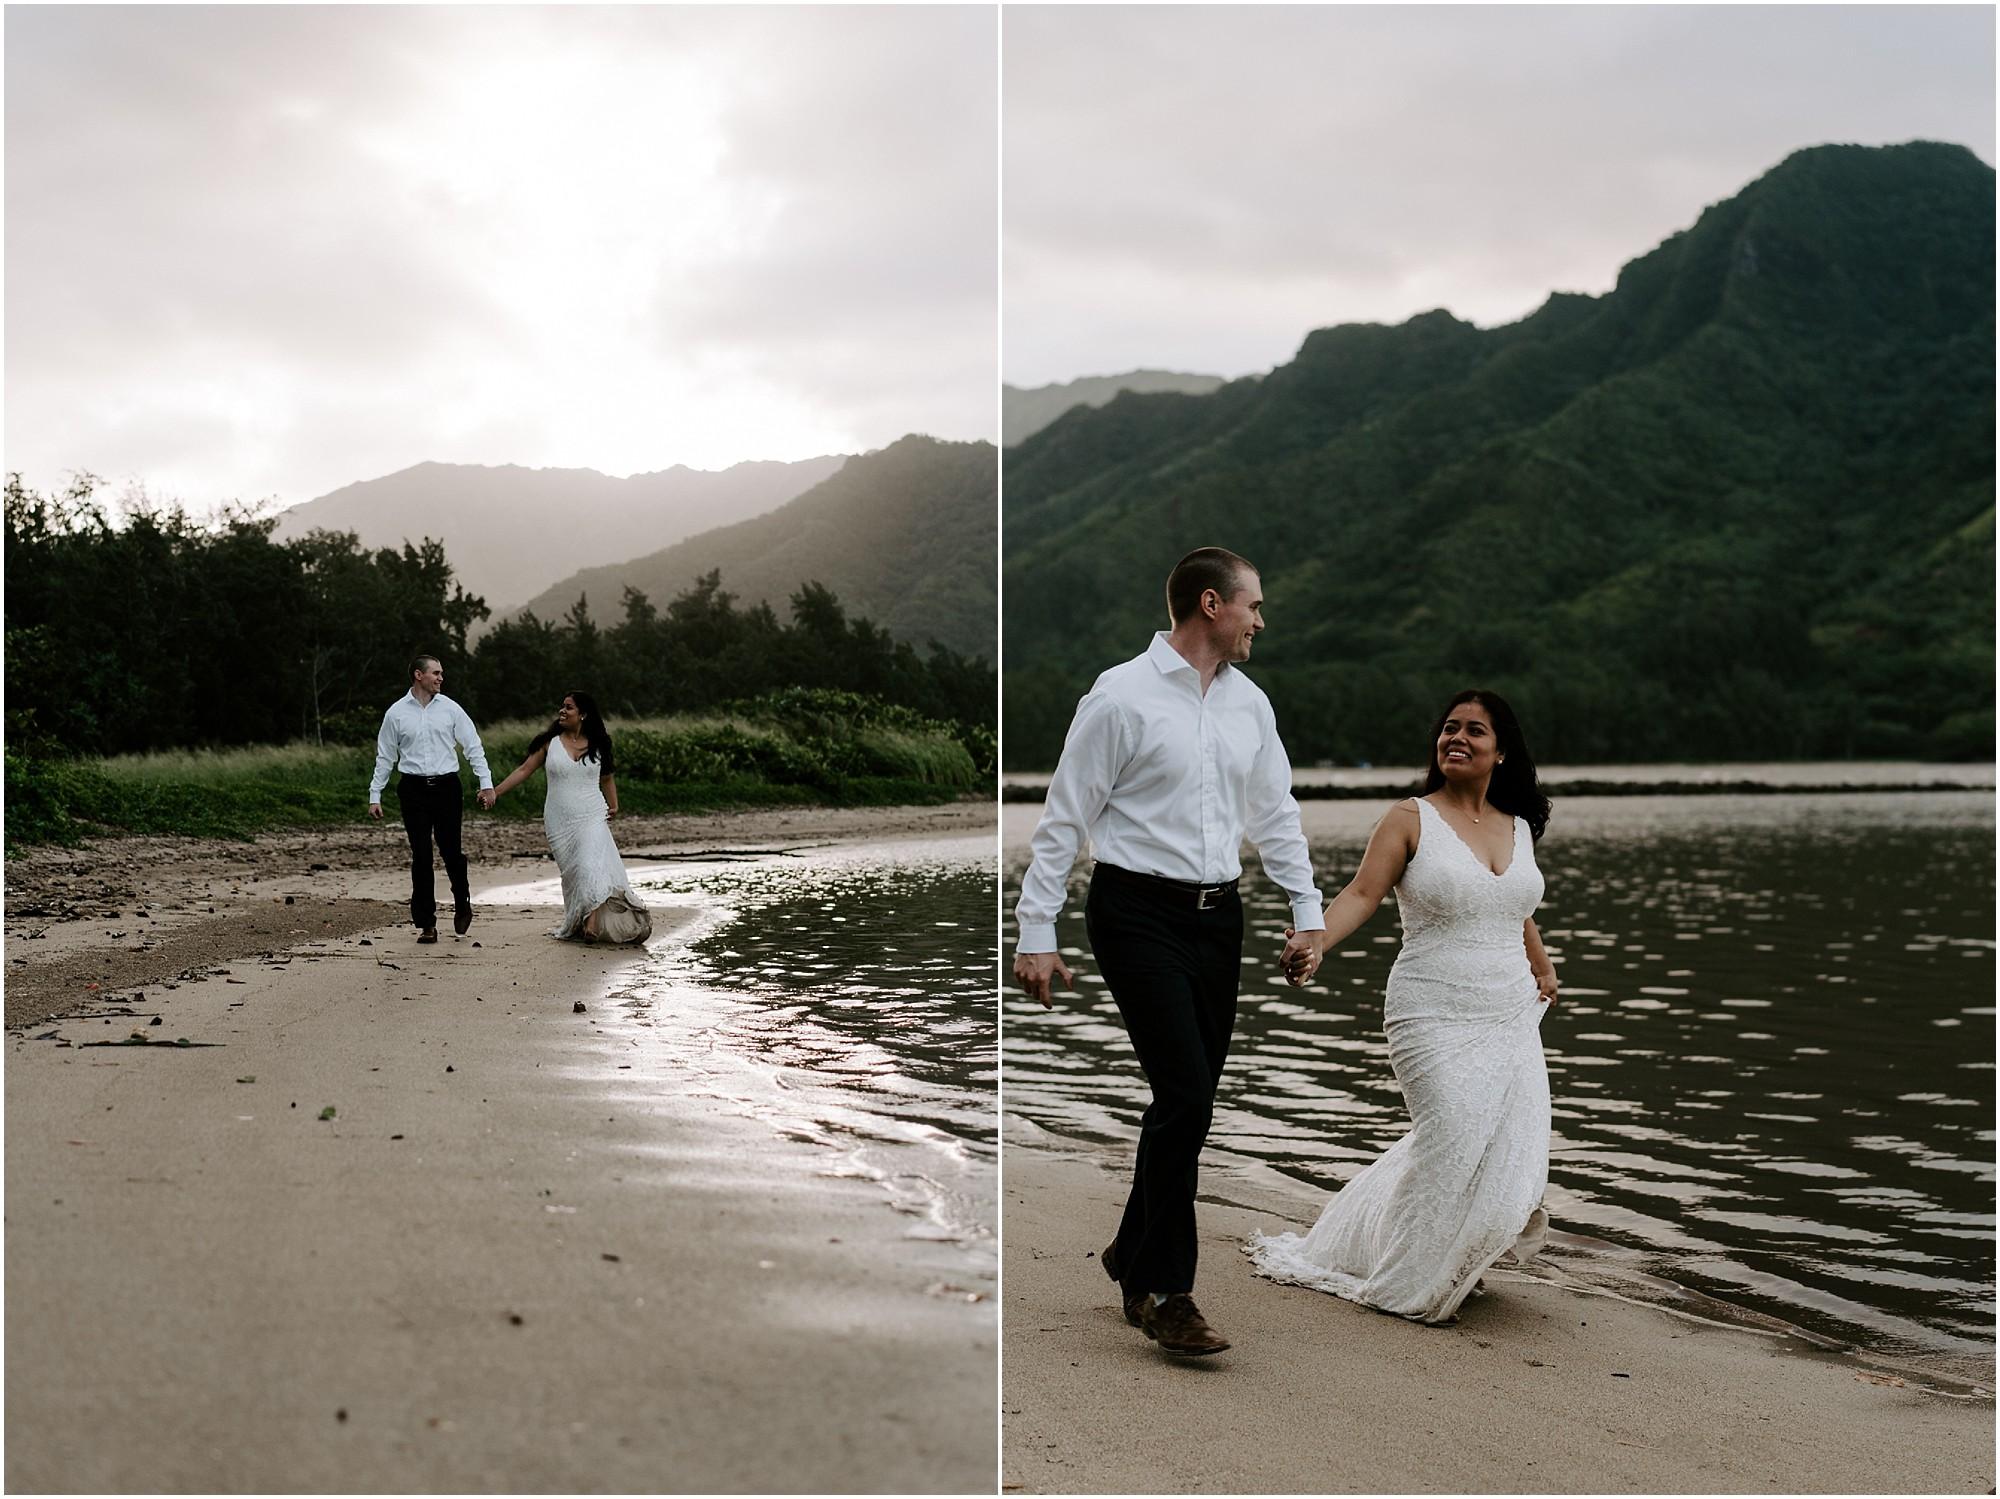 oahu-intimate-bridal-adventure-session_0021.jpg